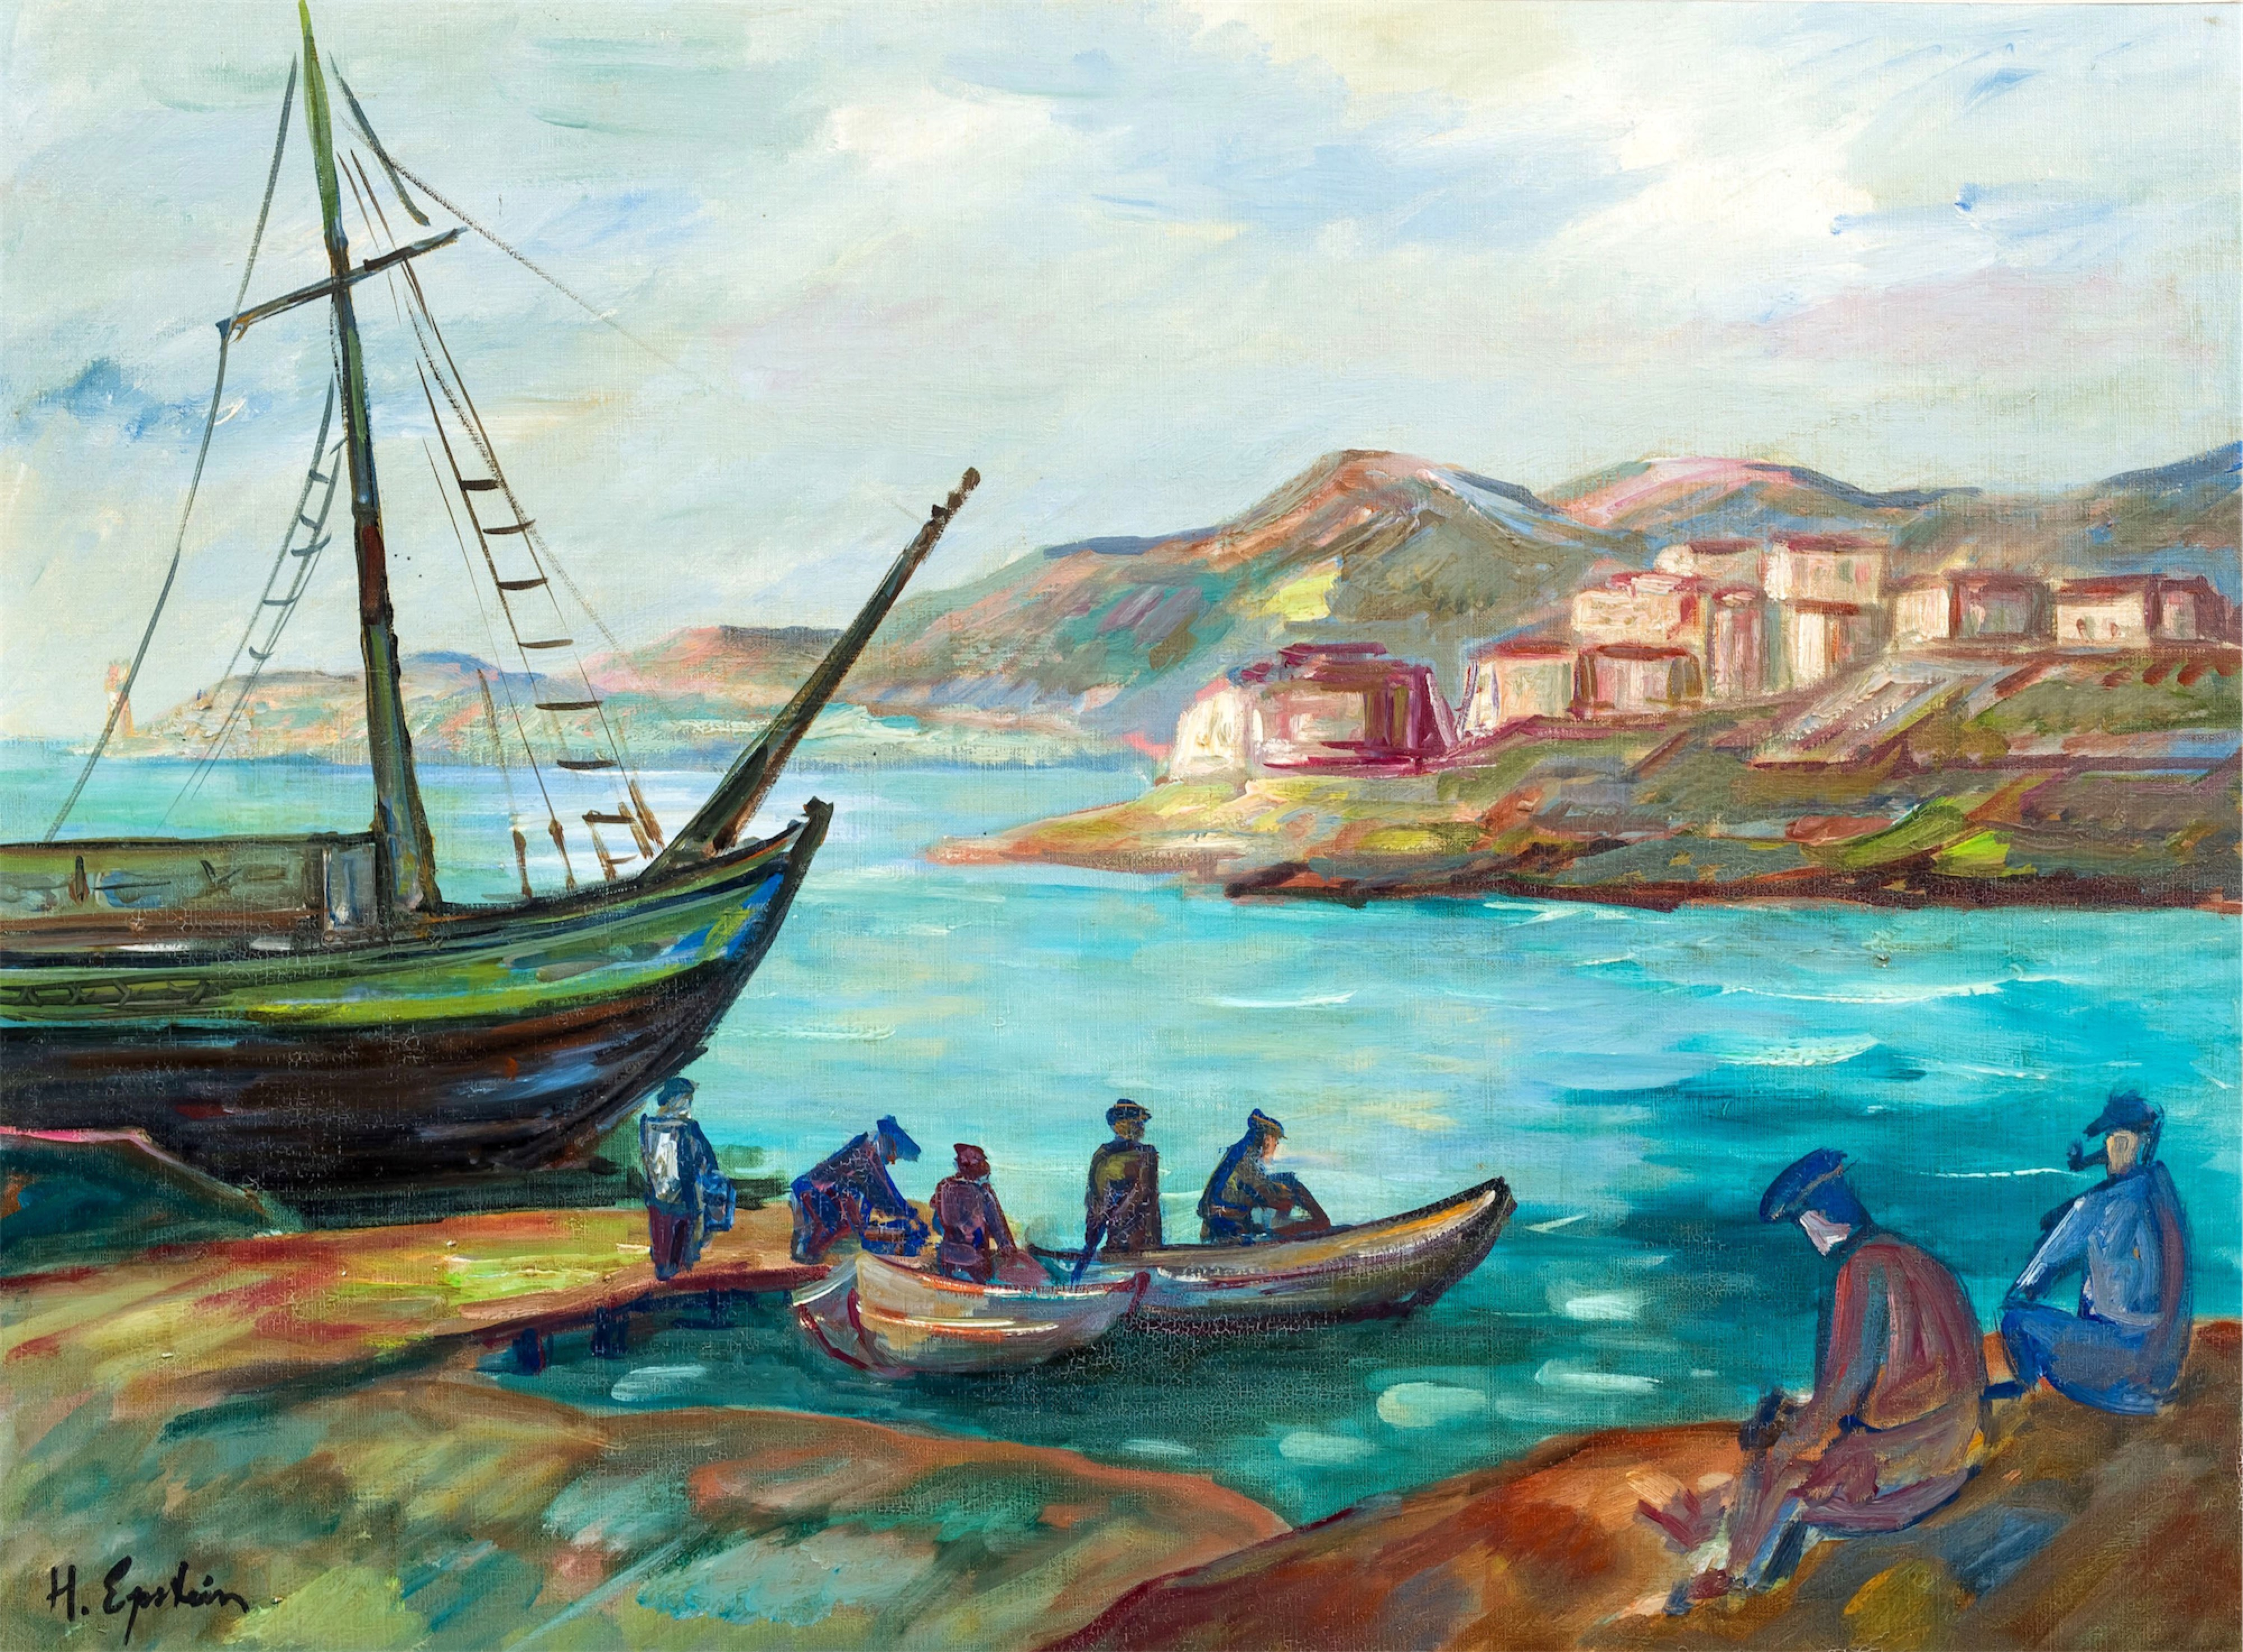 Powrót rybaków, około 1927-1930